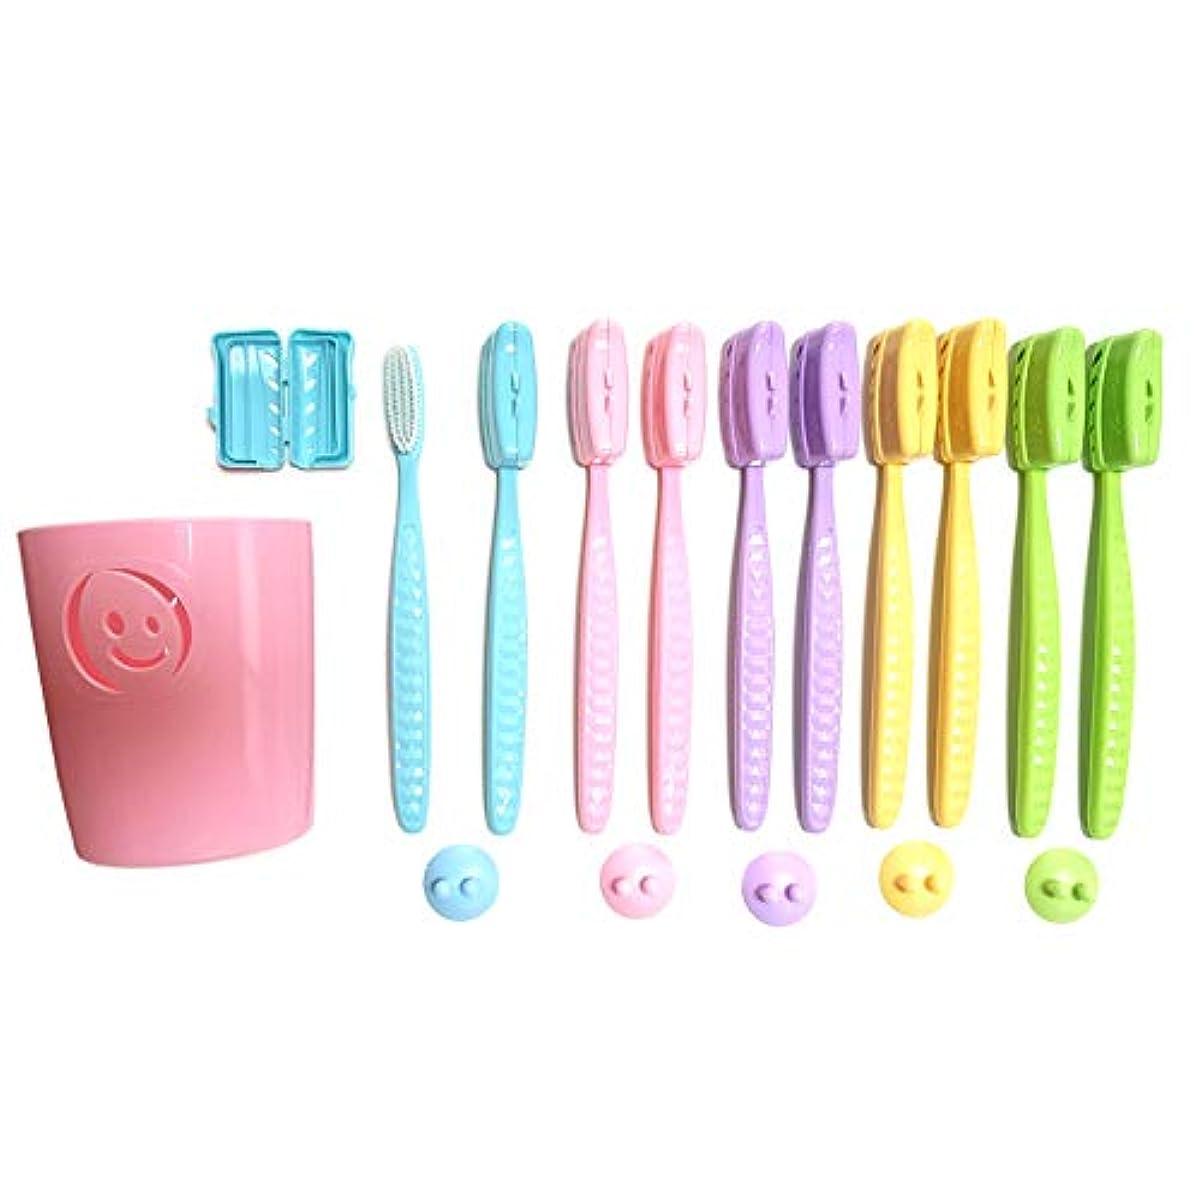 ゲーム磁気不明瞭プレミアムケア ハブラシ 大きいヘッド ジャンボ 超やわらかめ 歯ブラシ セット / ハブラシ10本 + ハブラシカバー10本 + 壁掛けホルダー5本 + カップ1本 Toothbrush Set [並行輸入品]